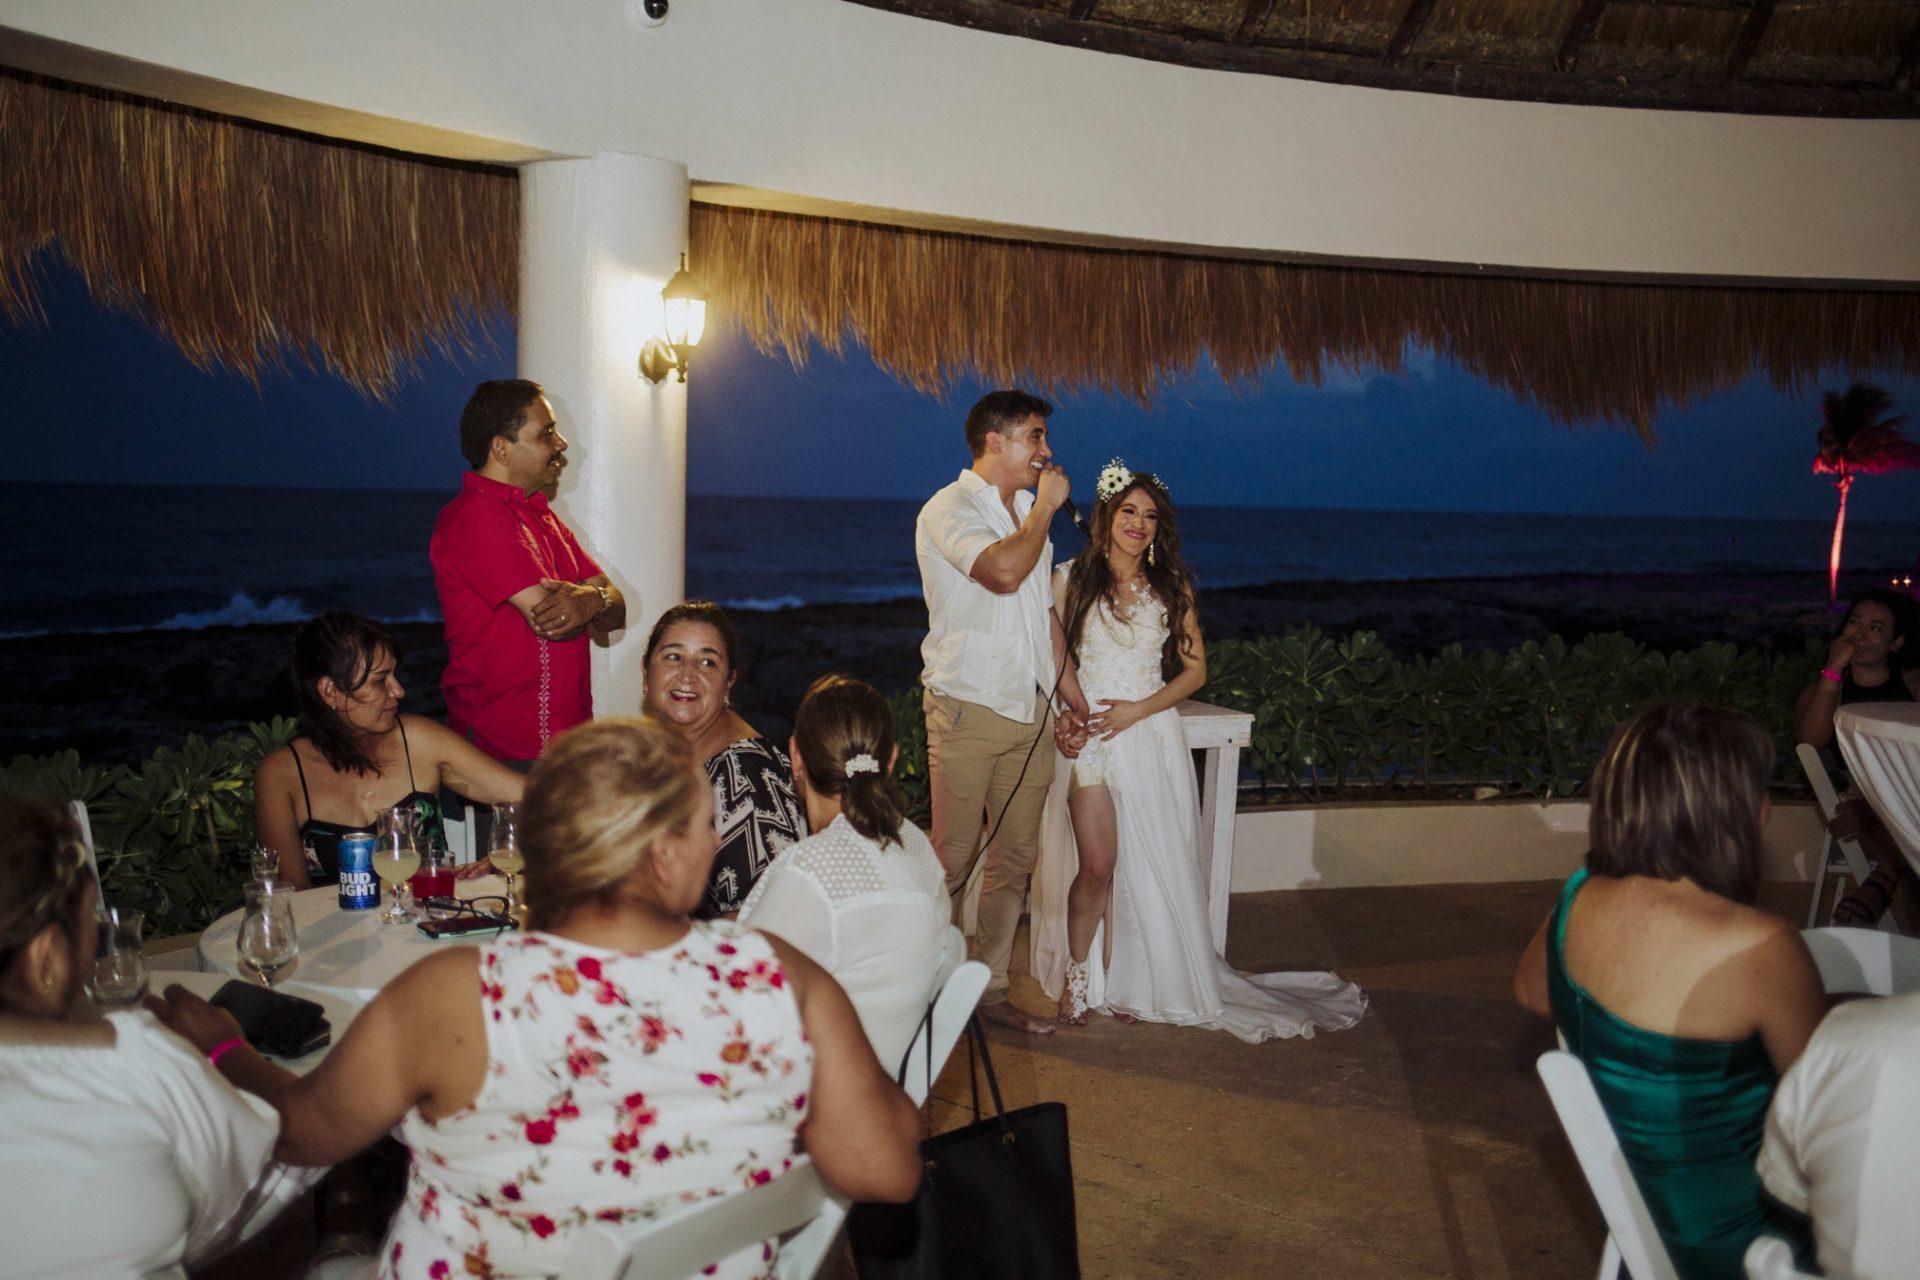 fotografo_bodas_profesional_zacatecas_riviera_maya_cancun-134